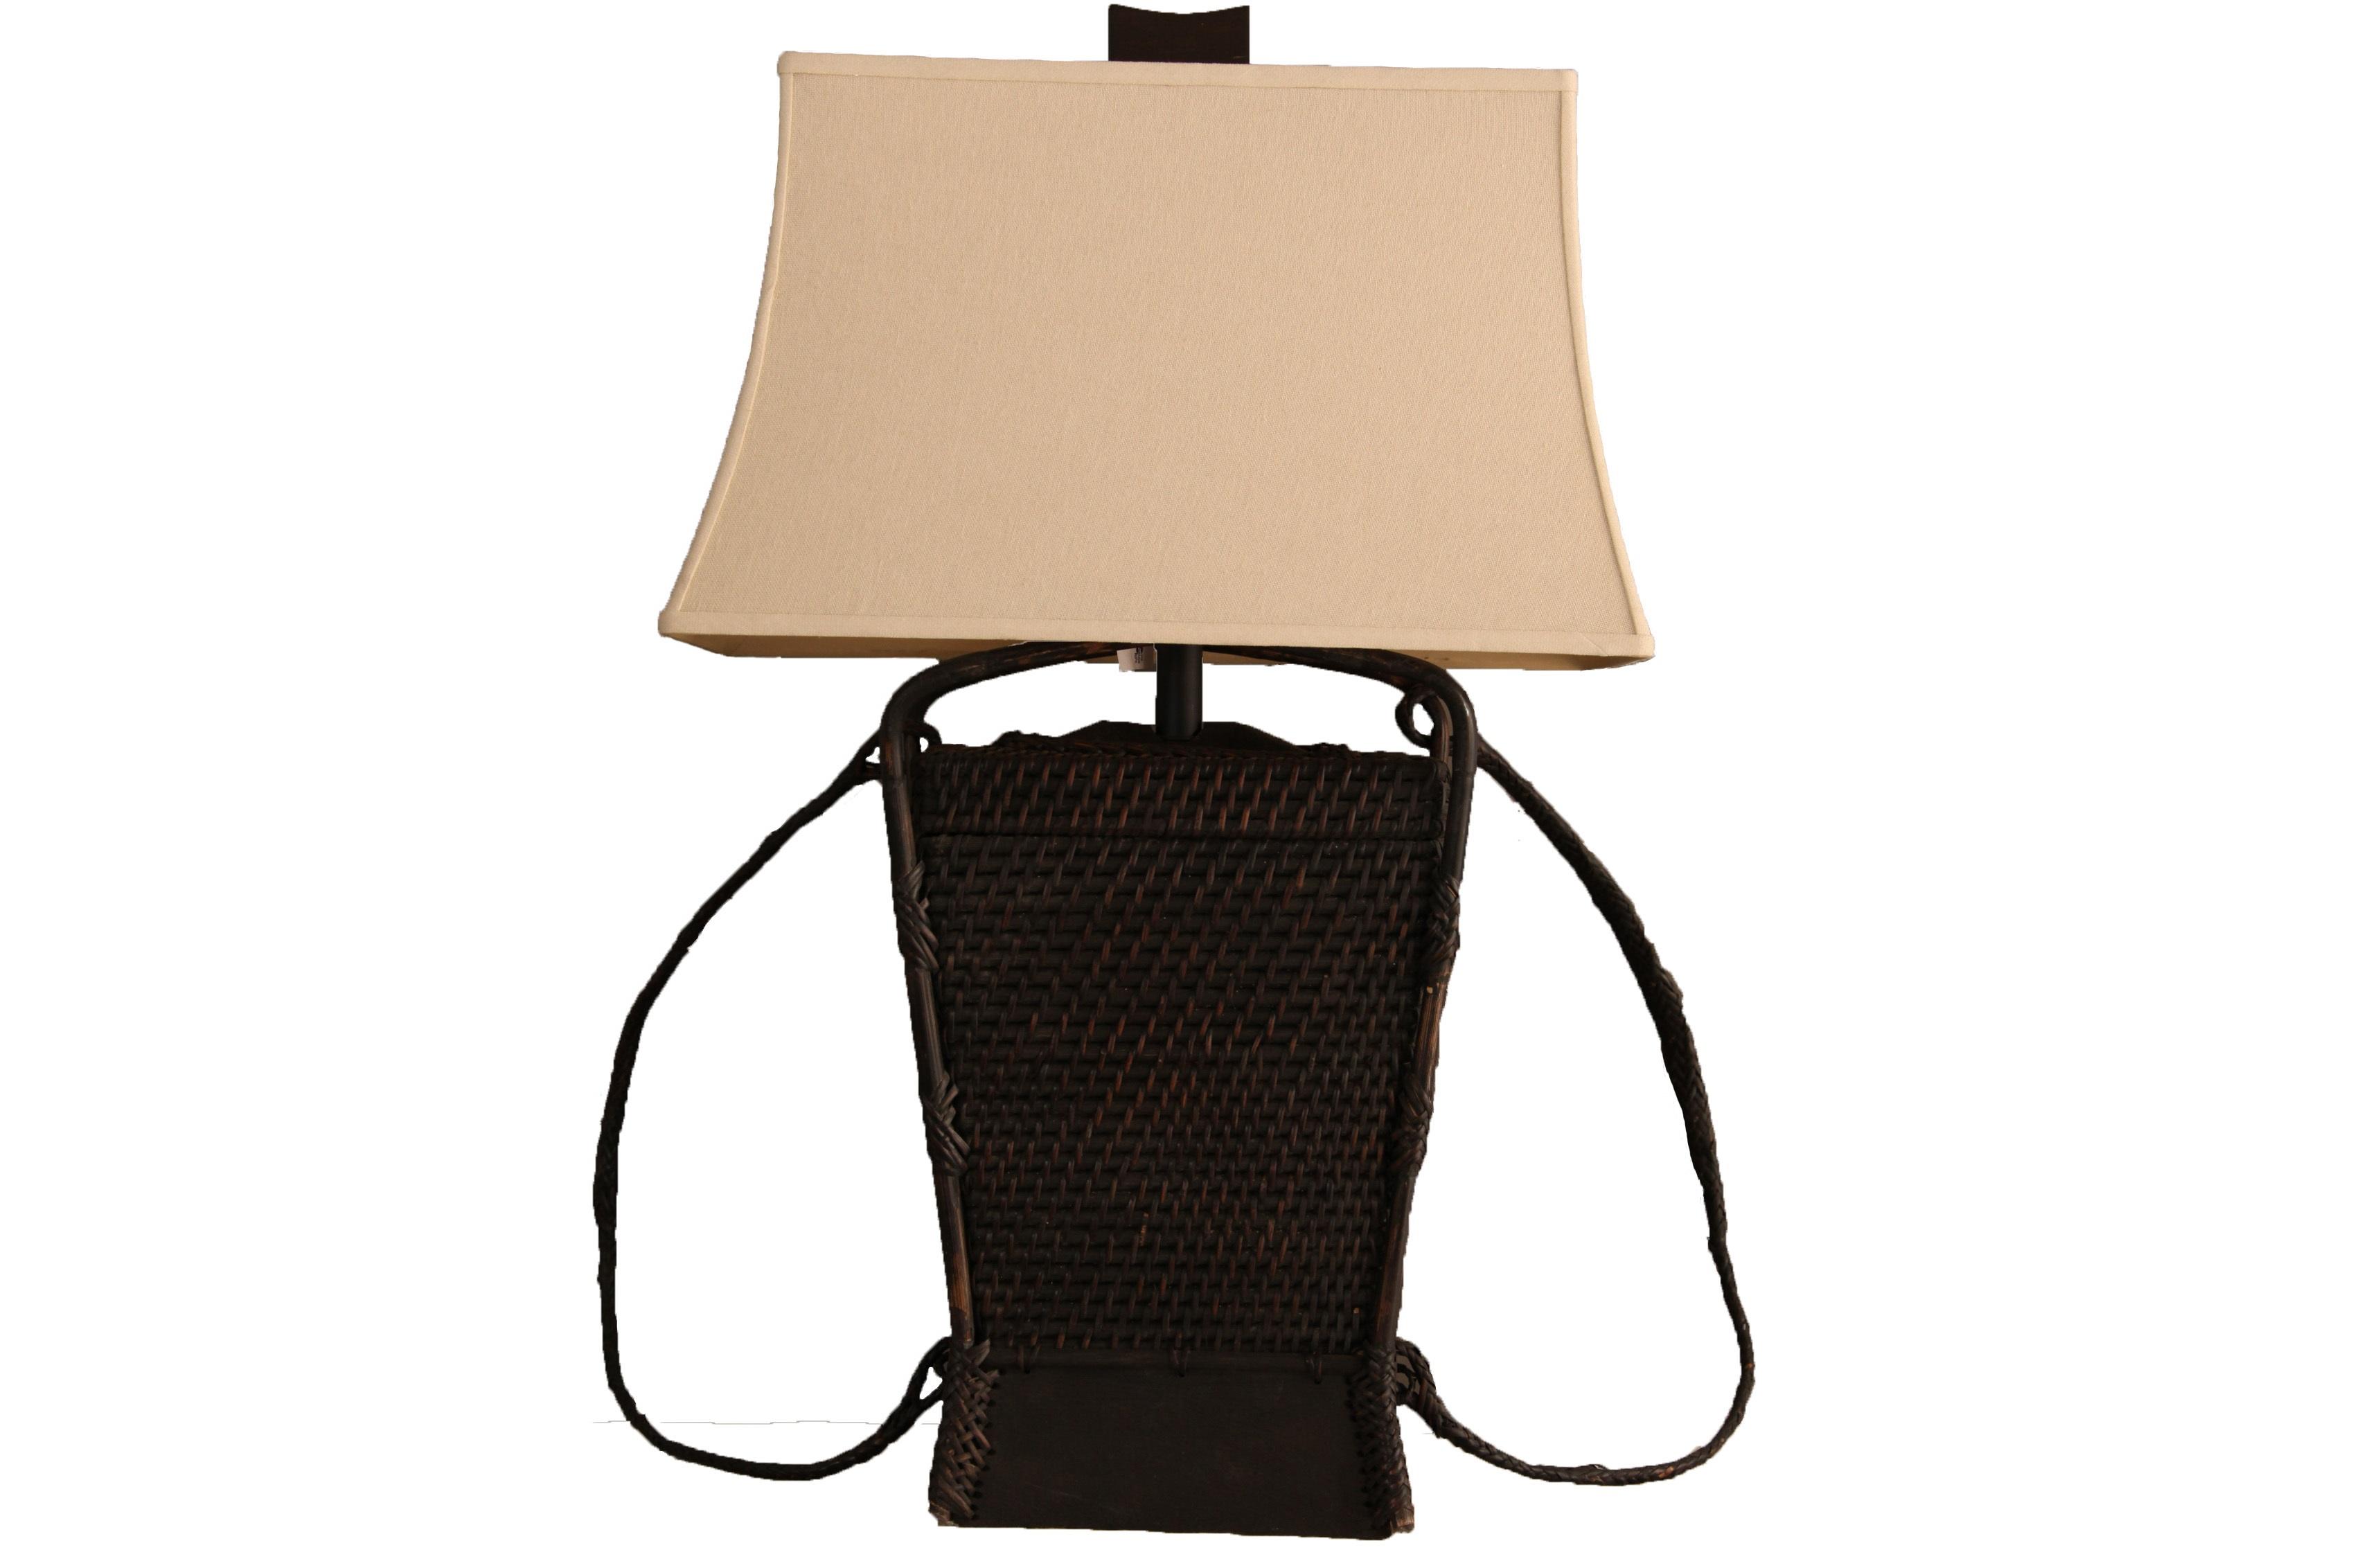 Настольная Лампа MalampayaДекоративные лампы<br>The Natural Light – это целая философия света, которая заключается всего в нескольких простых словах: природа – это лучшее, что у нас есть. Сохраняя любовь к природе и умело воплощая природную теплоту в предметах декора, компания создает по-настоящему великолепные вещи, способные преобразить любое пространство.&amp;amp;nbsp;&amp;lt;div&amp;gt;&amp;lt;br&amp;gt;&amp;lt;/div&amp;gt;&amp;lt;div&amp;gt;&amp;lt;div&amp;gt;Вид цоколя: Е27&amp;lt;/div&amp;gt;&amp;lt;div&amp;gt;Мощность лампы: 100W&amp;lt;/div&amp;gt;&amp;lt;div&amp;gt;Количество ламп: 1&amp;lt;/div&amp;gt;&amp;lt;/div&amp;gt;<br><br>Material: Текстиль<br>Length см: 0<br>Width см: 51<br>Depth см: 51<br>Height см: 86<br>Diameter см: 0